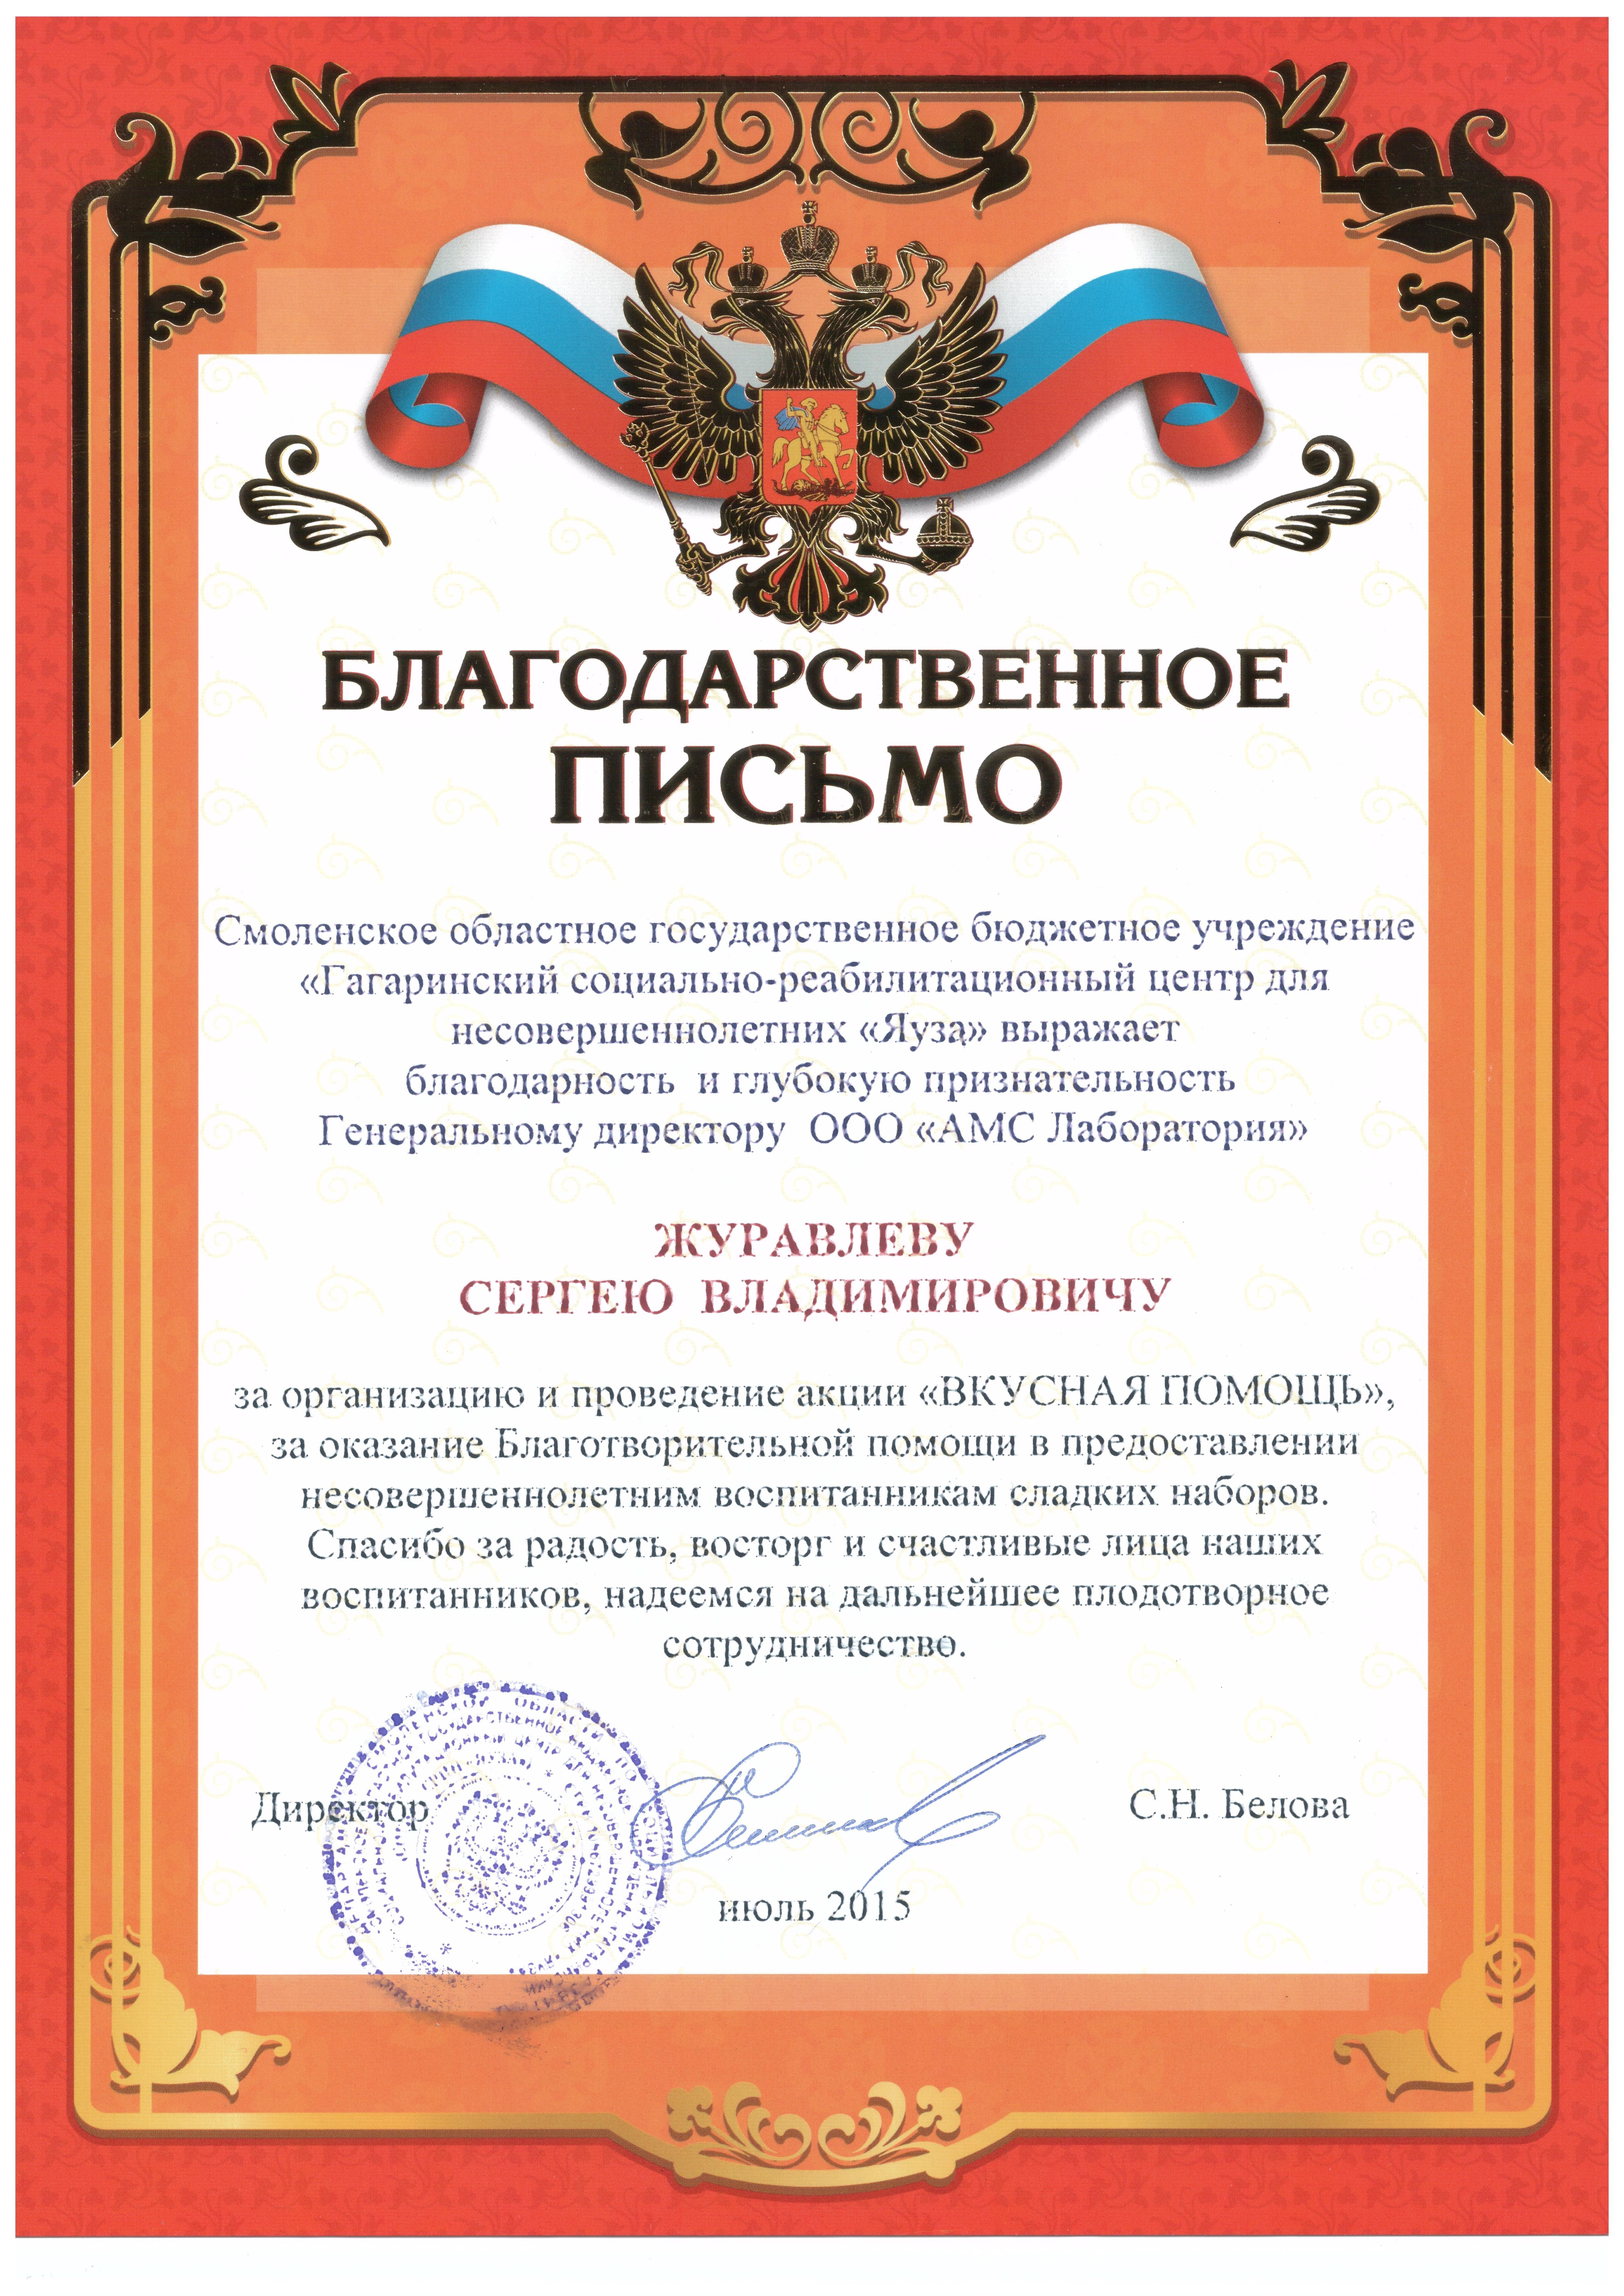 Вкусная помощь для Гагаринского реабилитационного центра для несовершеннолетних «Яуза»